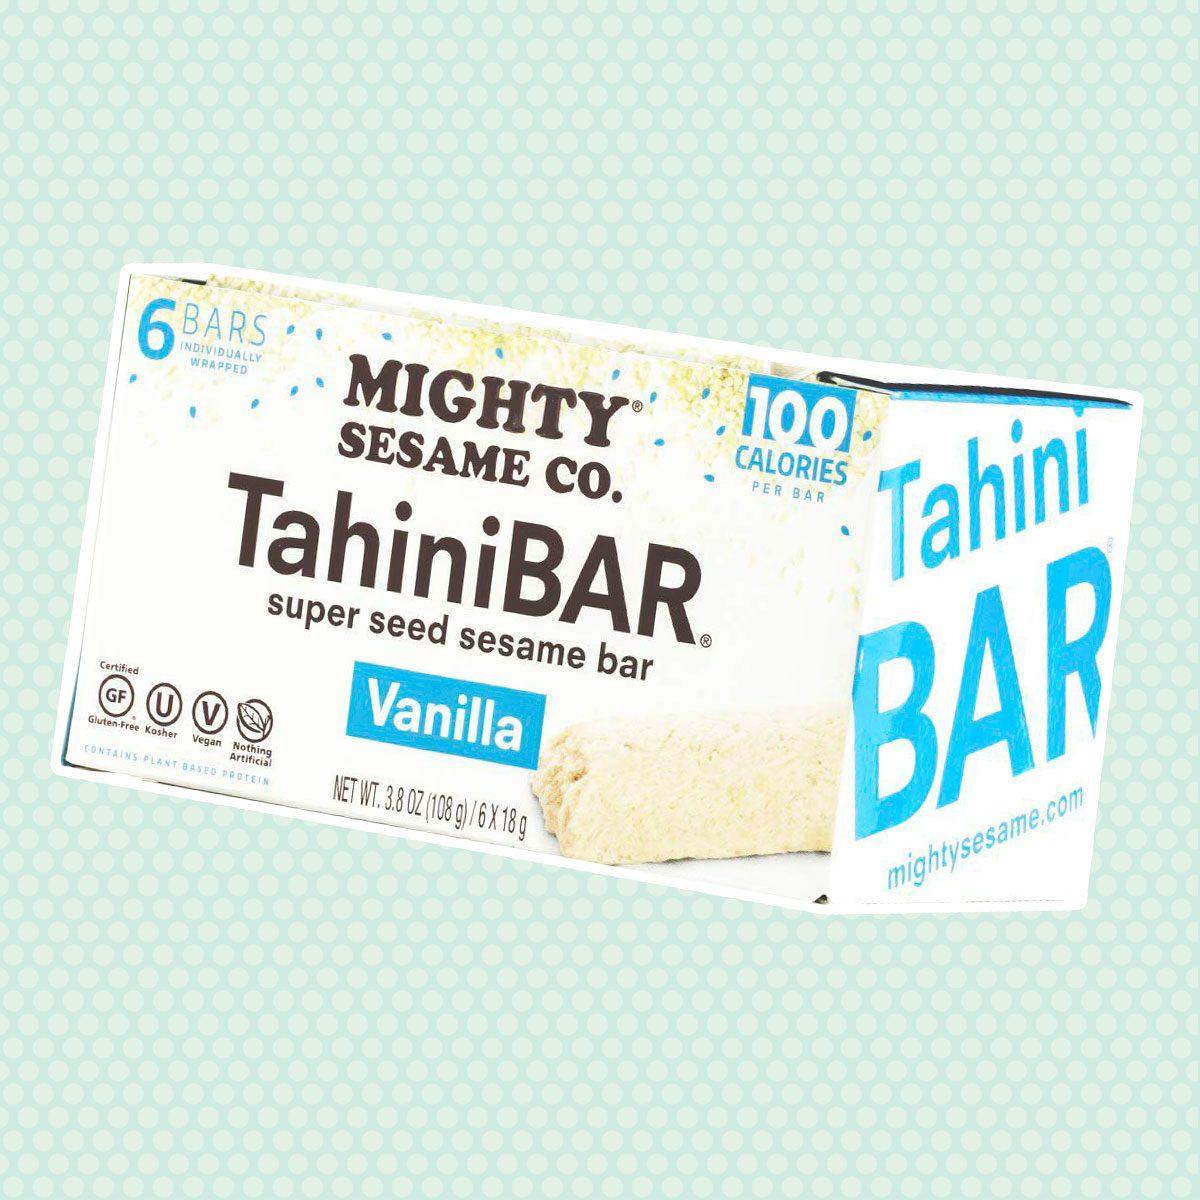 100-Calorie TahiniBars